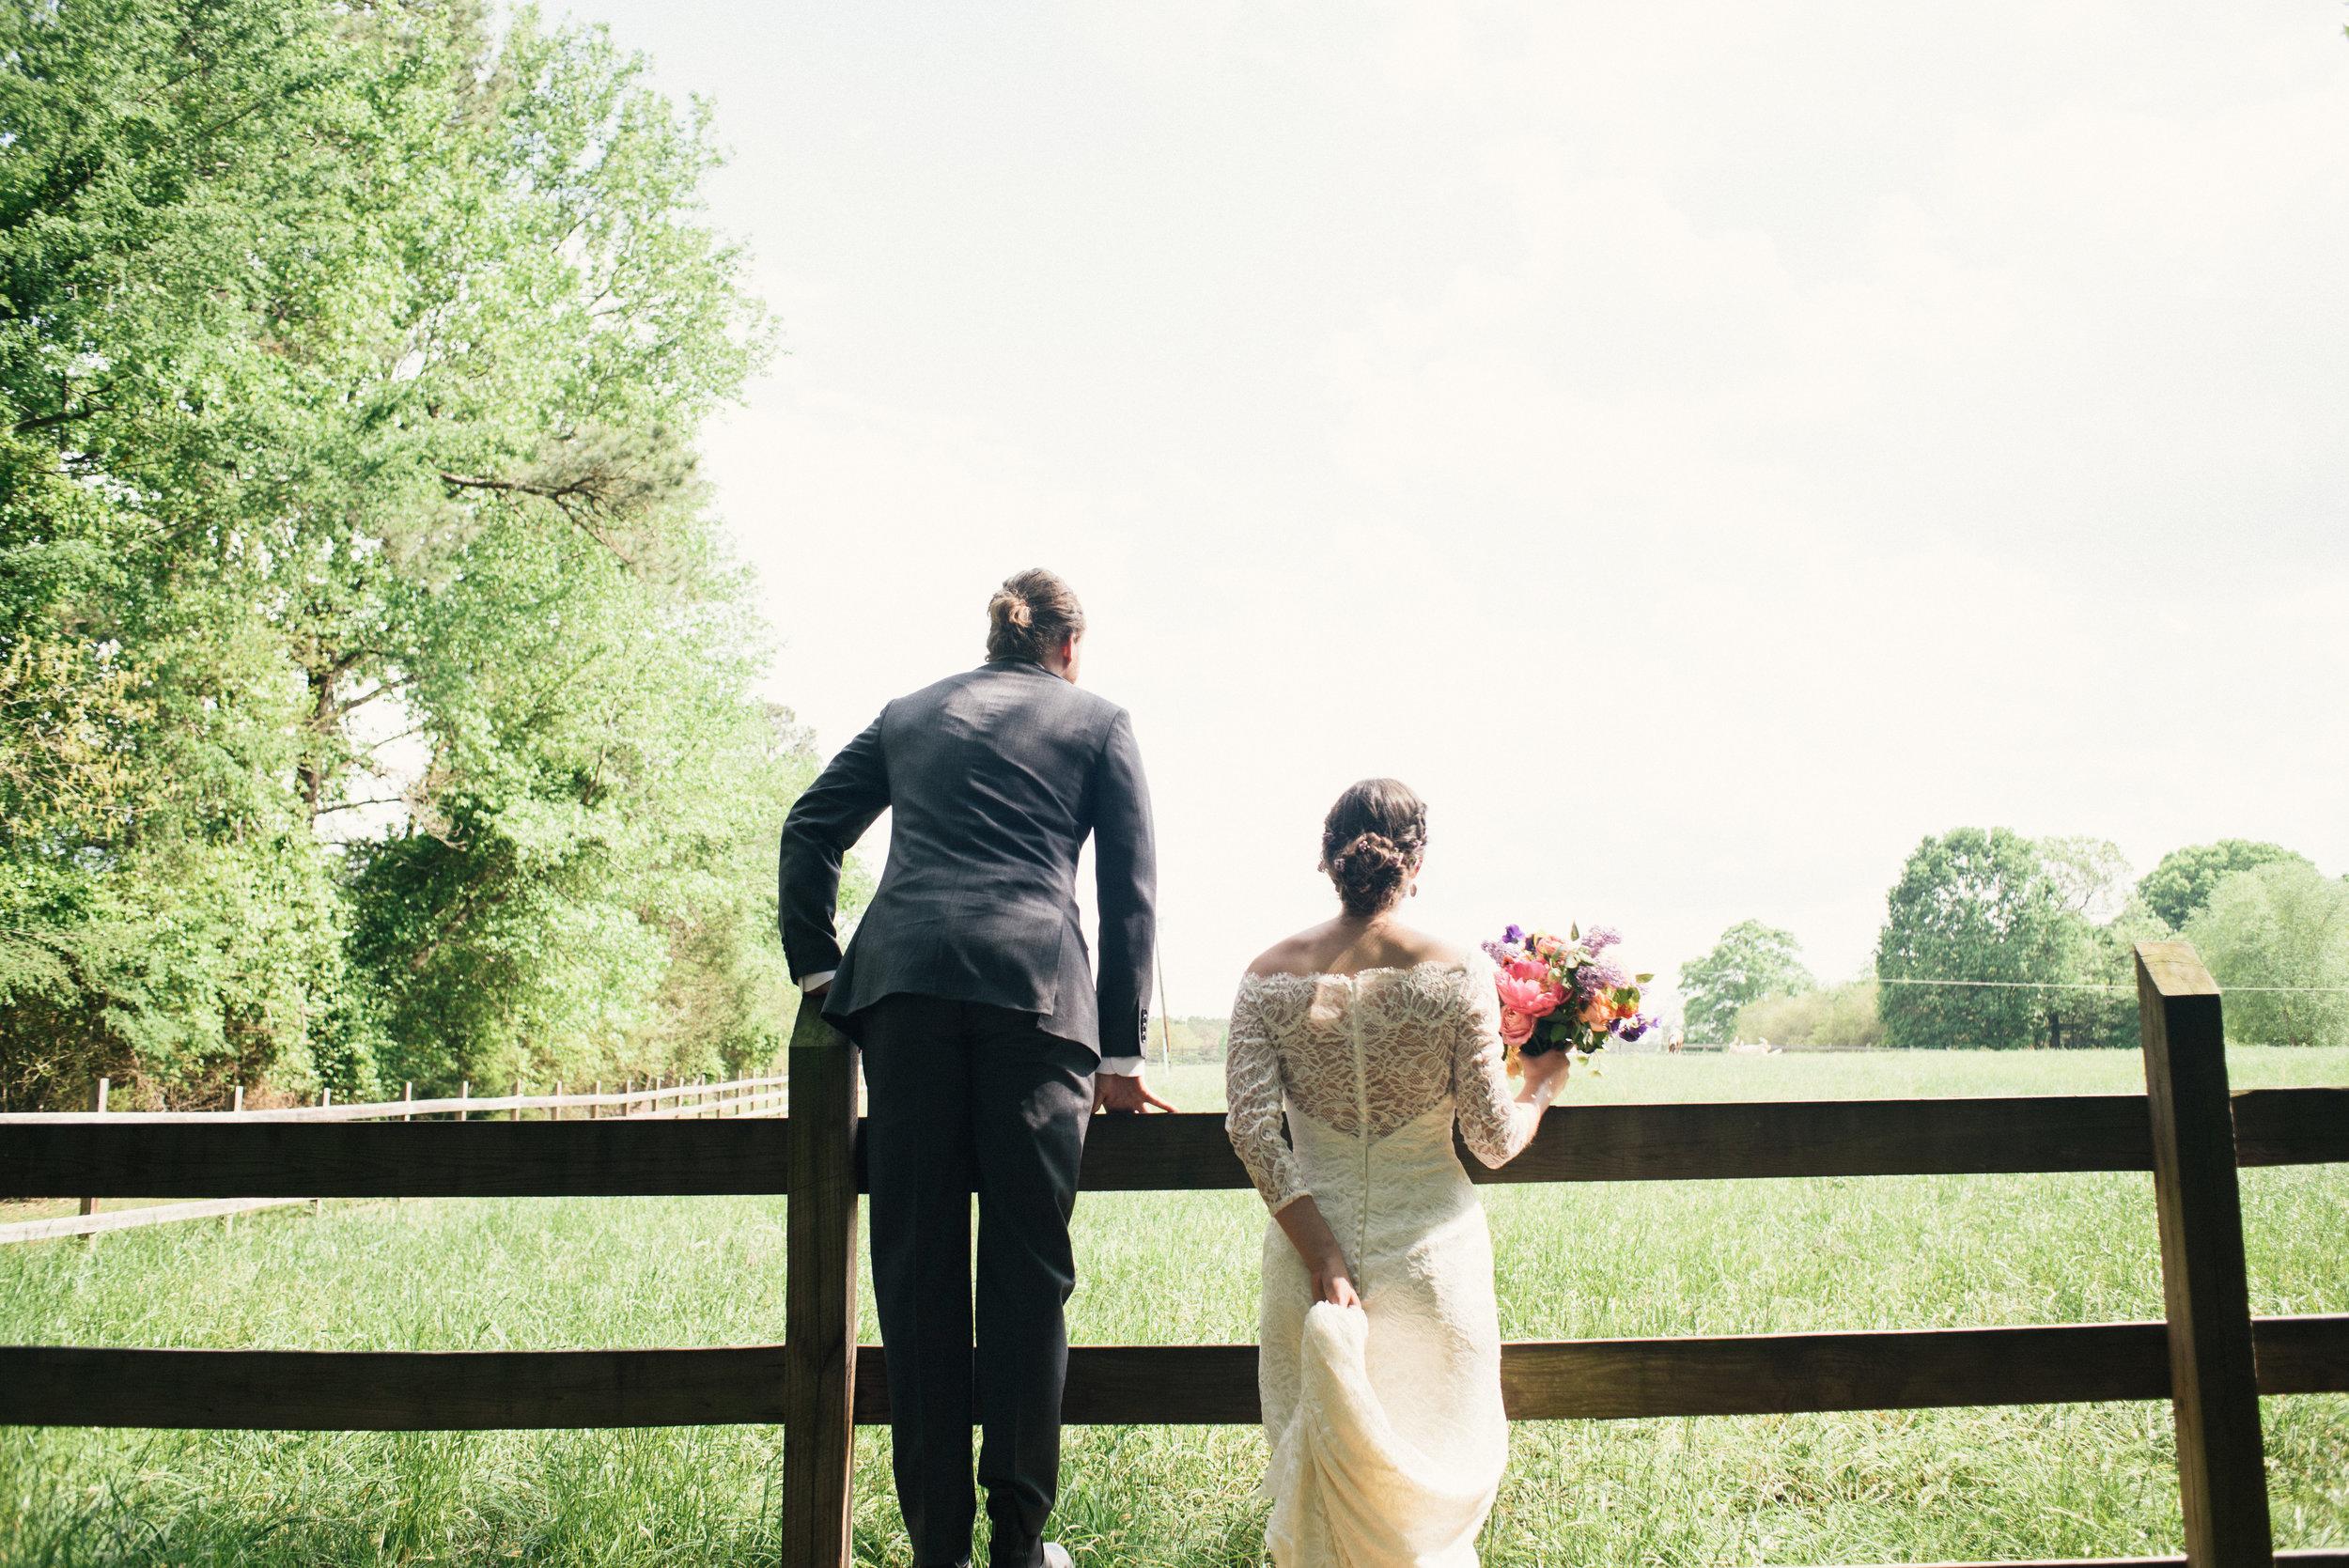 raleigh-elopement-photographer-raleigh-durham-wedding-maddie-and-devin- (48 of 162).jpg